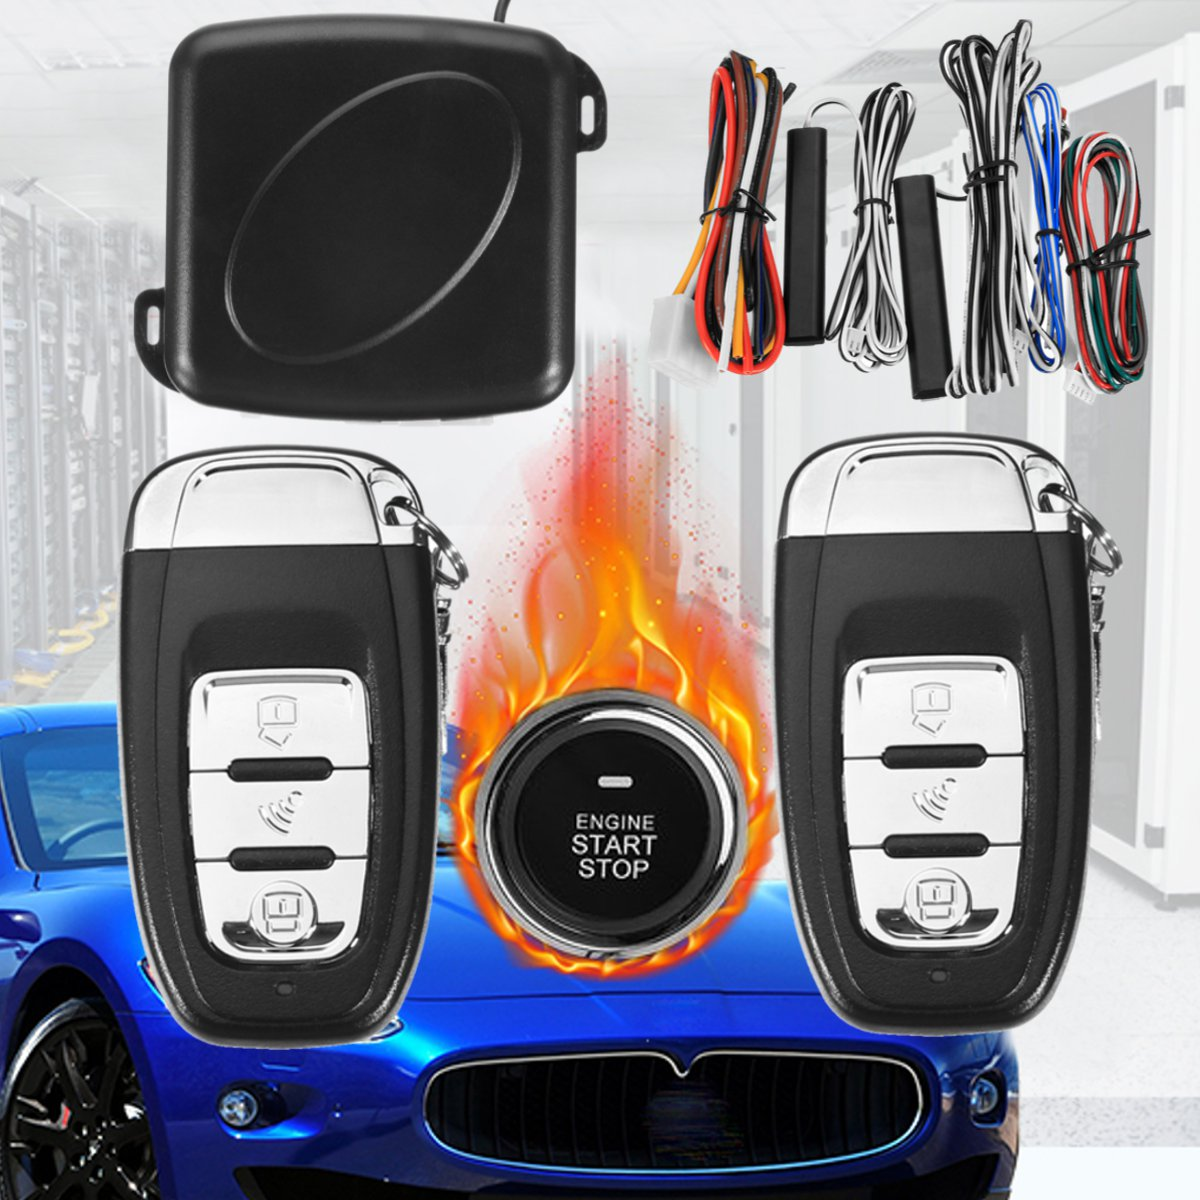 9Pc bricolage voiture SUV sans clé entrée moteur démarrage sans clé système d'alarme bouton poussoir démarreur à distance arrêt Automobiles Auto voiture accessoires - 6